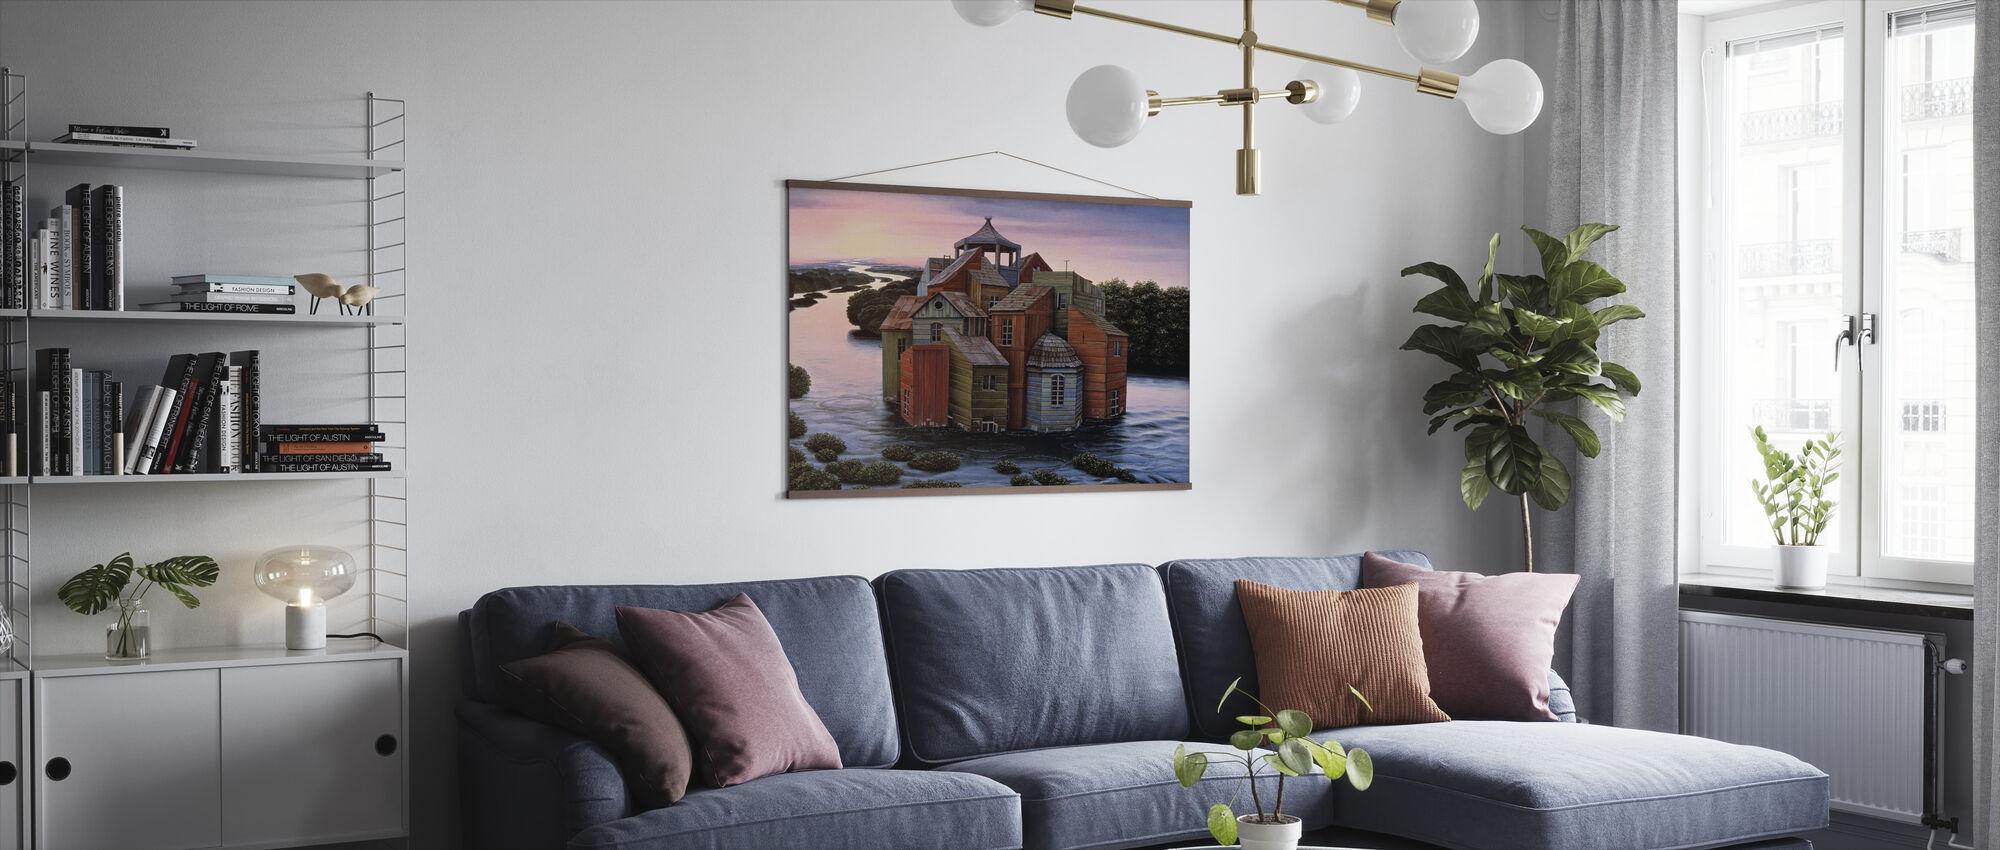 Fallingwater Landgoed - Poster - Woonkamer